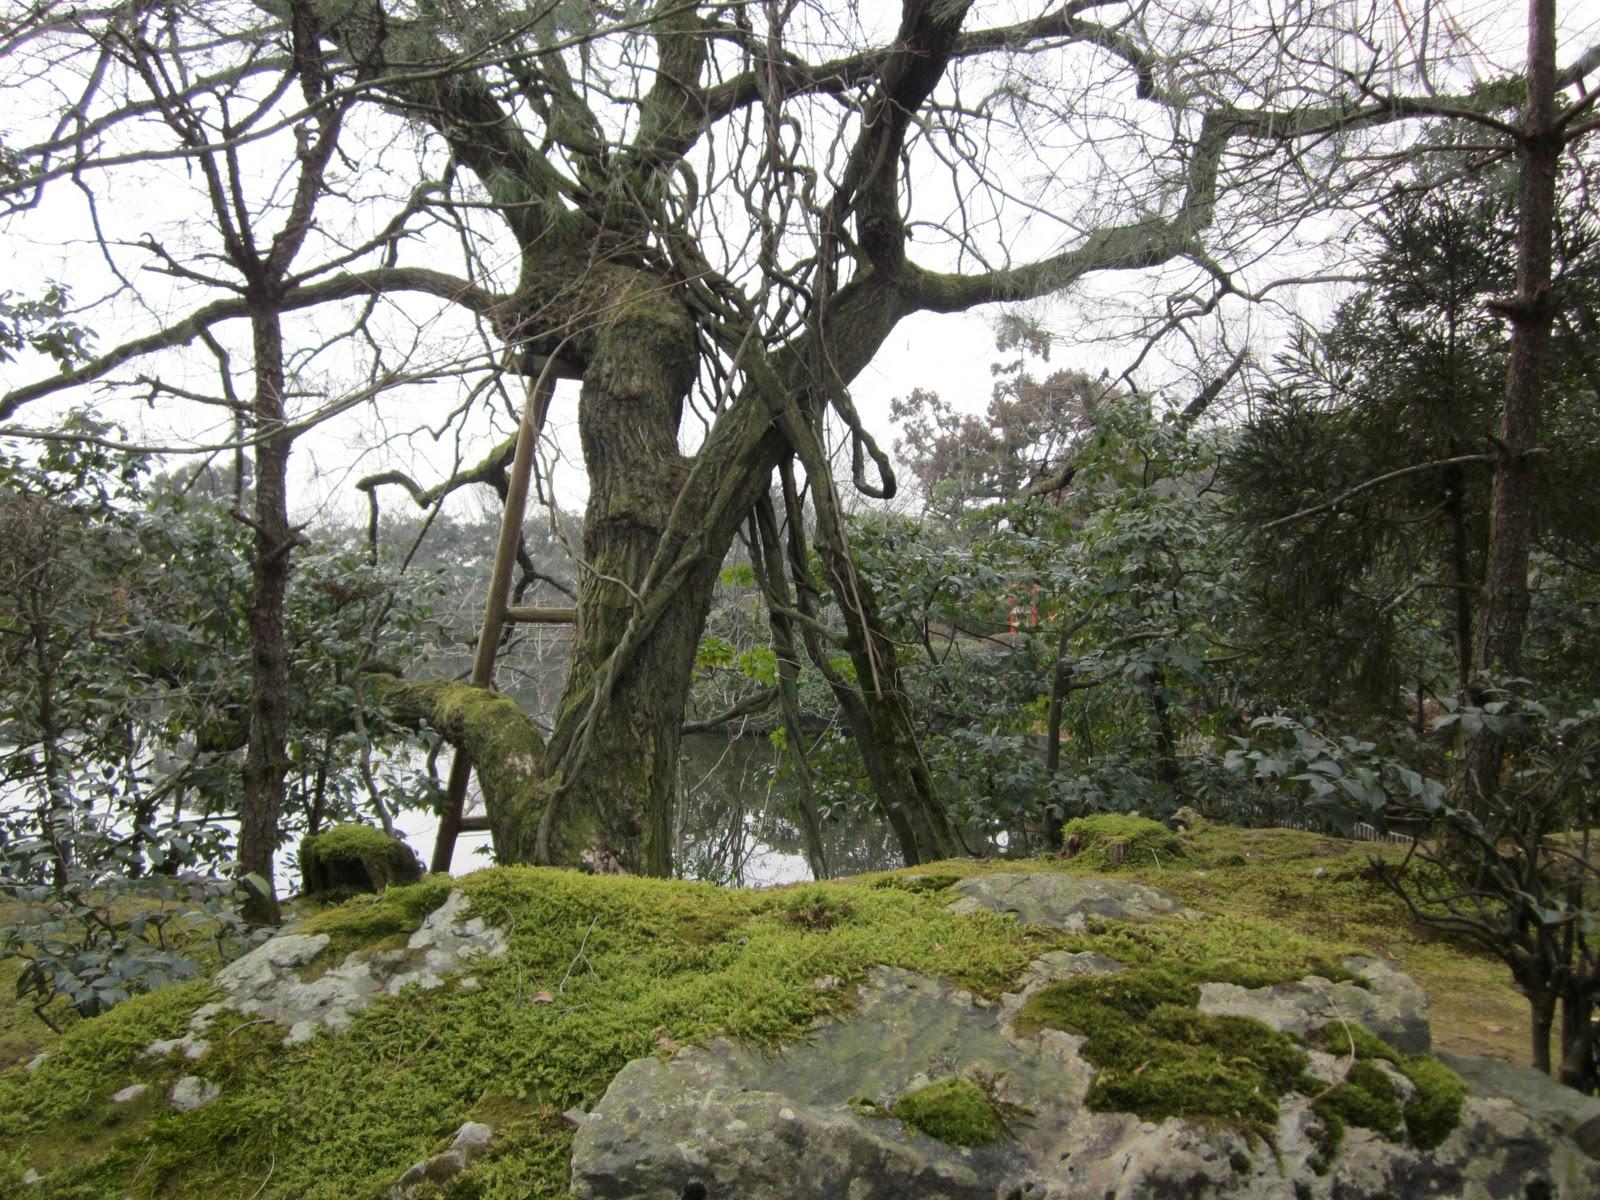 http://3.bp.blogspot.com/-yNikEEz4k3Y/TVSUGjVGQBI/AAAAAAAABs8/VdXL5yUgaok/s1600/kyoto+058.JPG